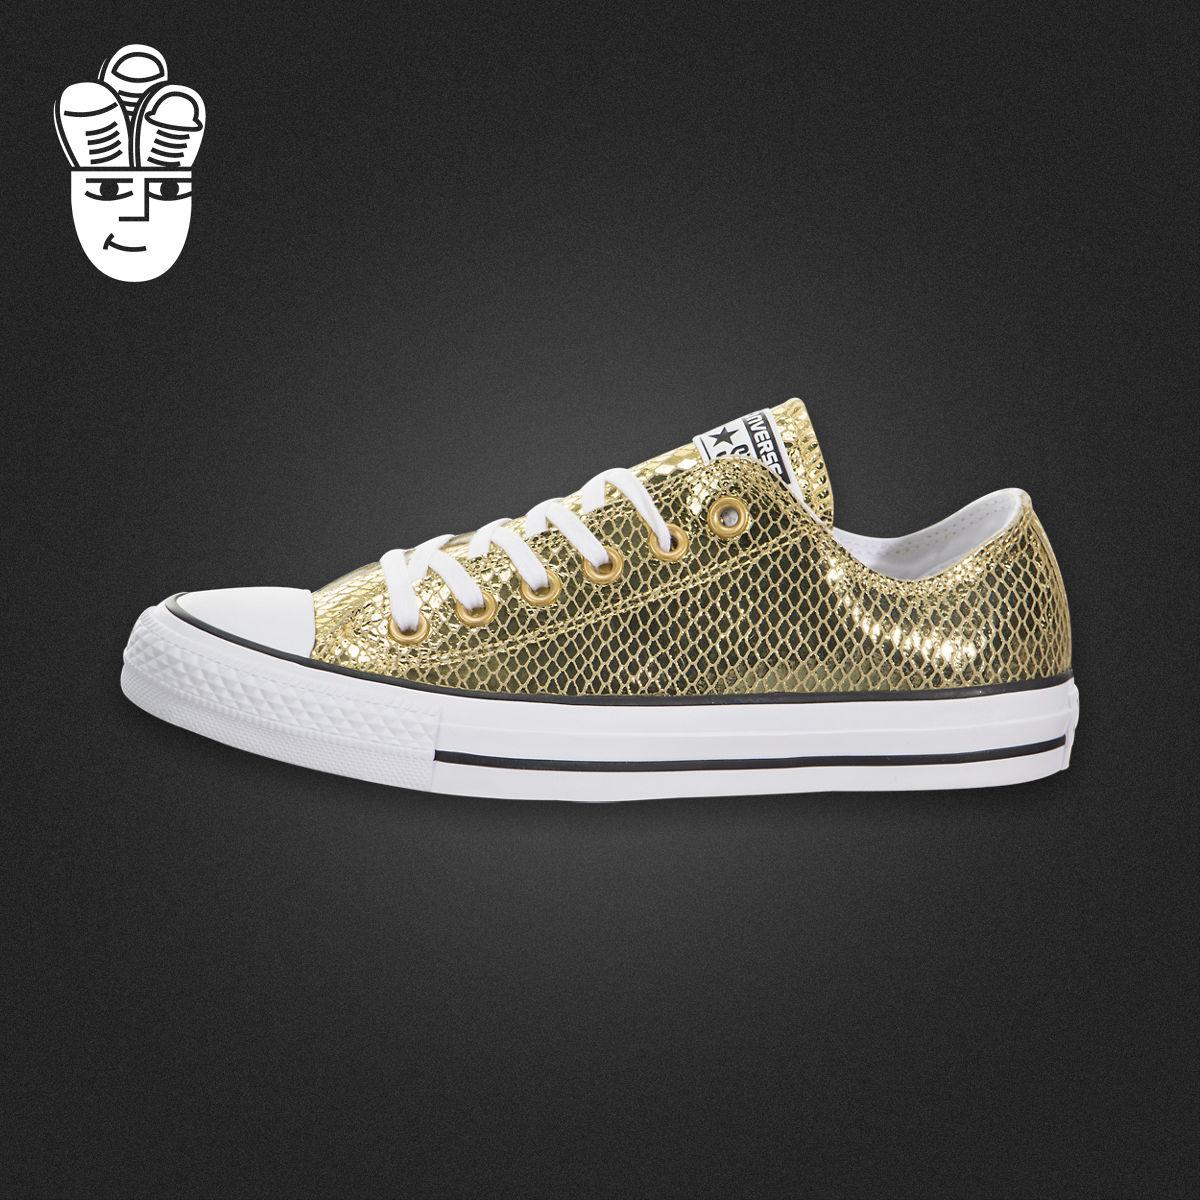 Converse Chuck Taylor All Star 匡威女鞋 金色经典低帮休闲板鞋